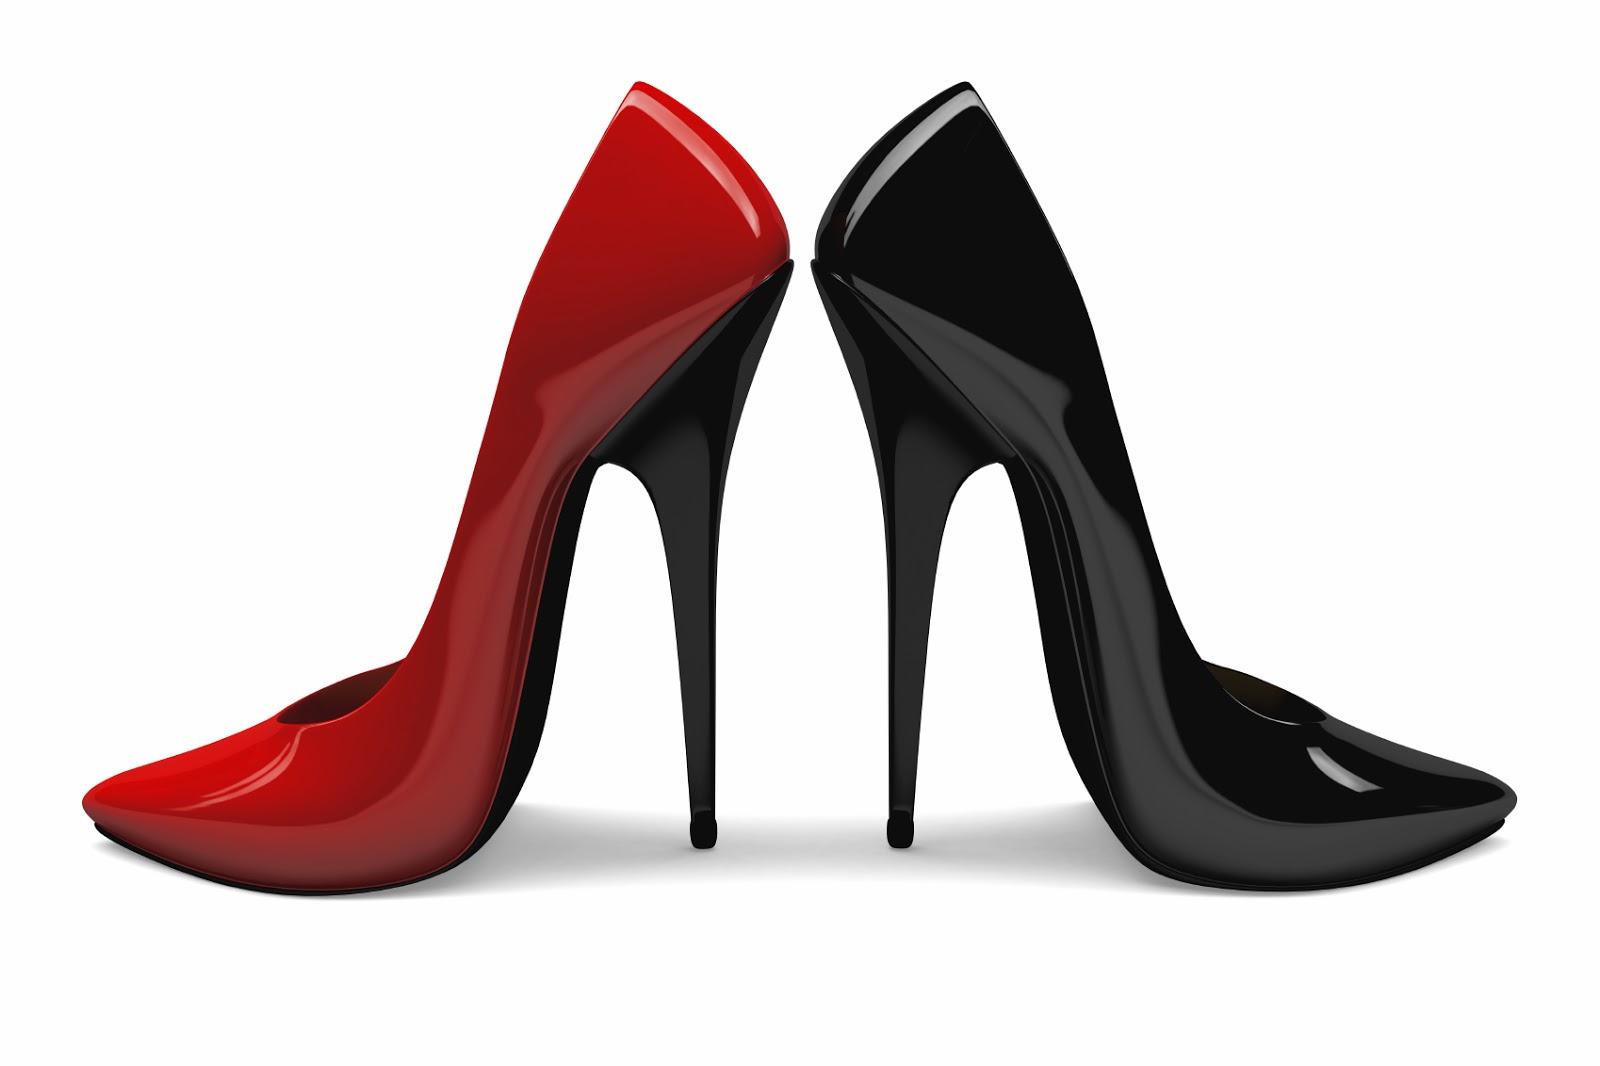 Tacón el zapato de los hombres en el s.XV 16 January 2015